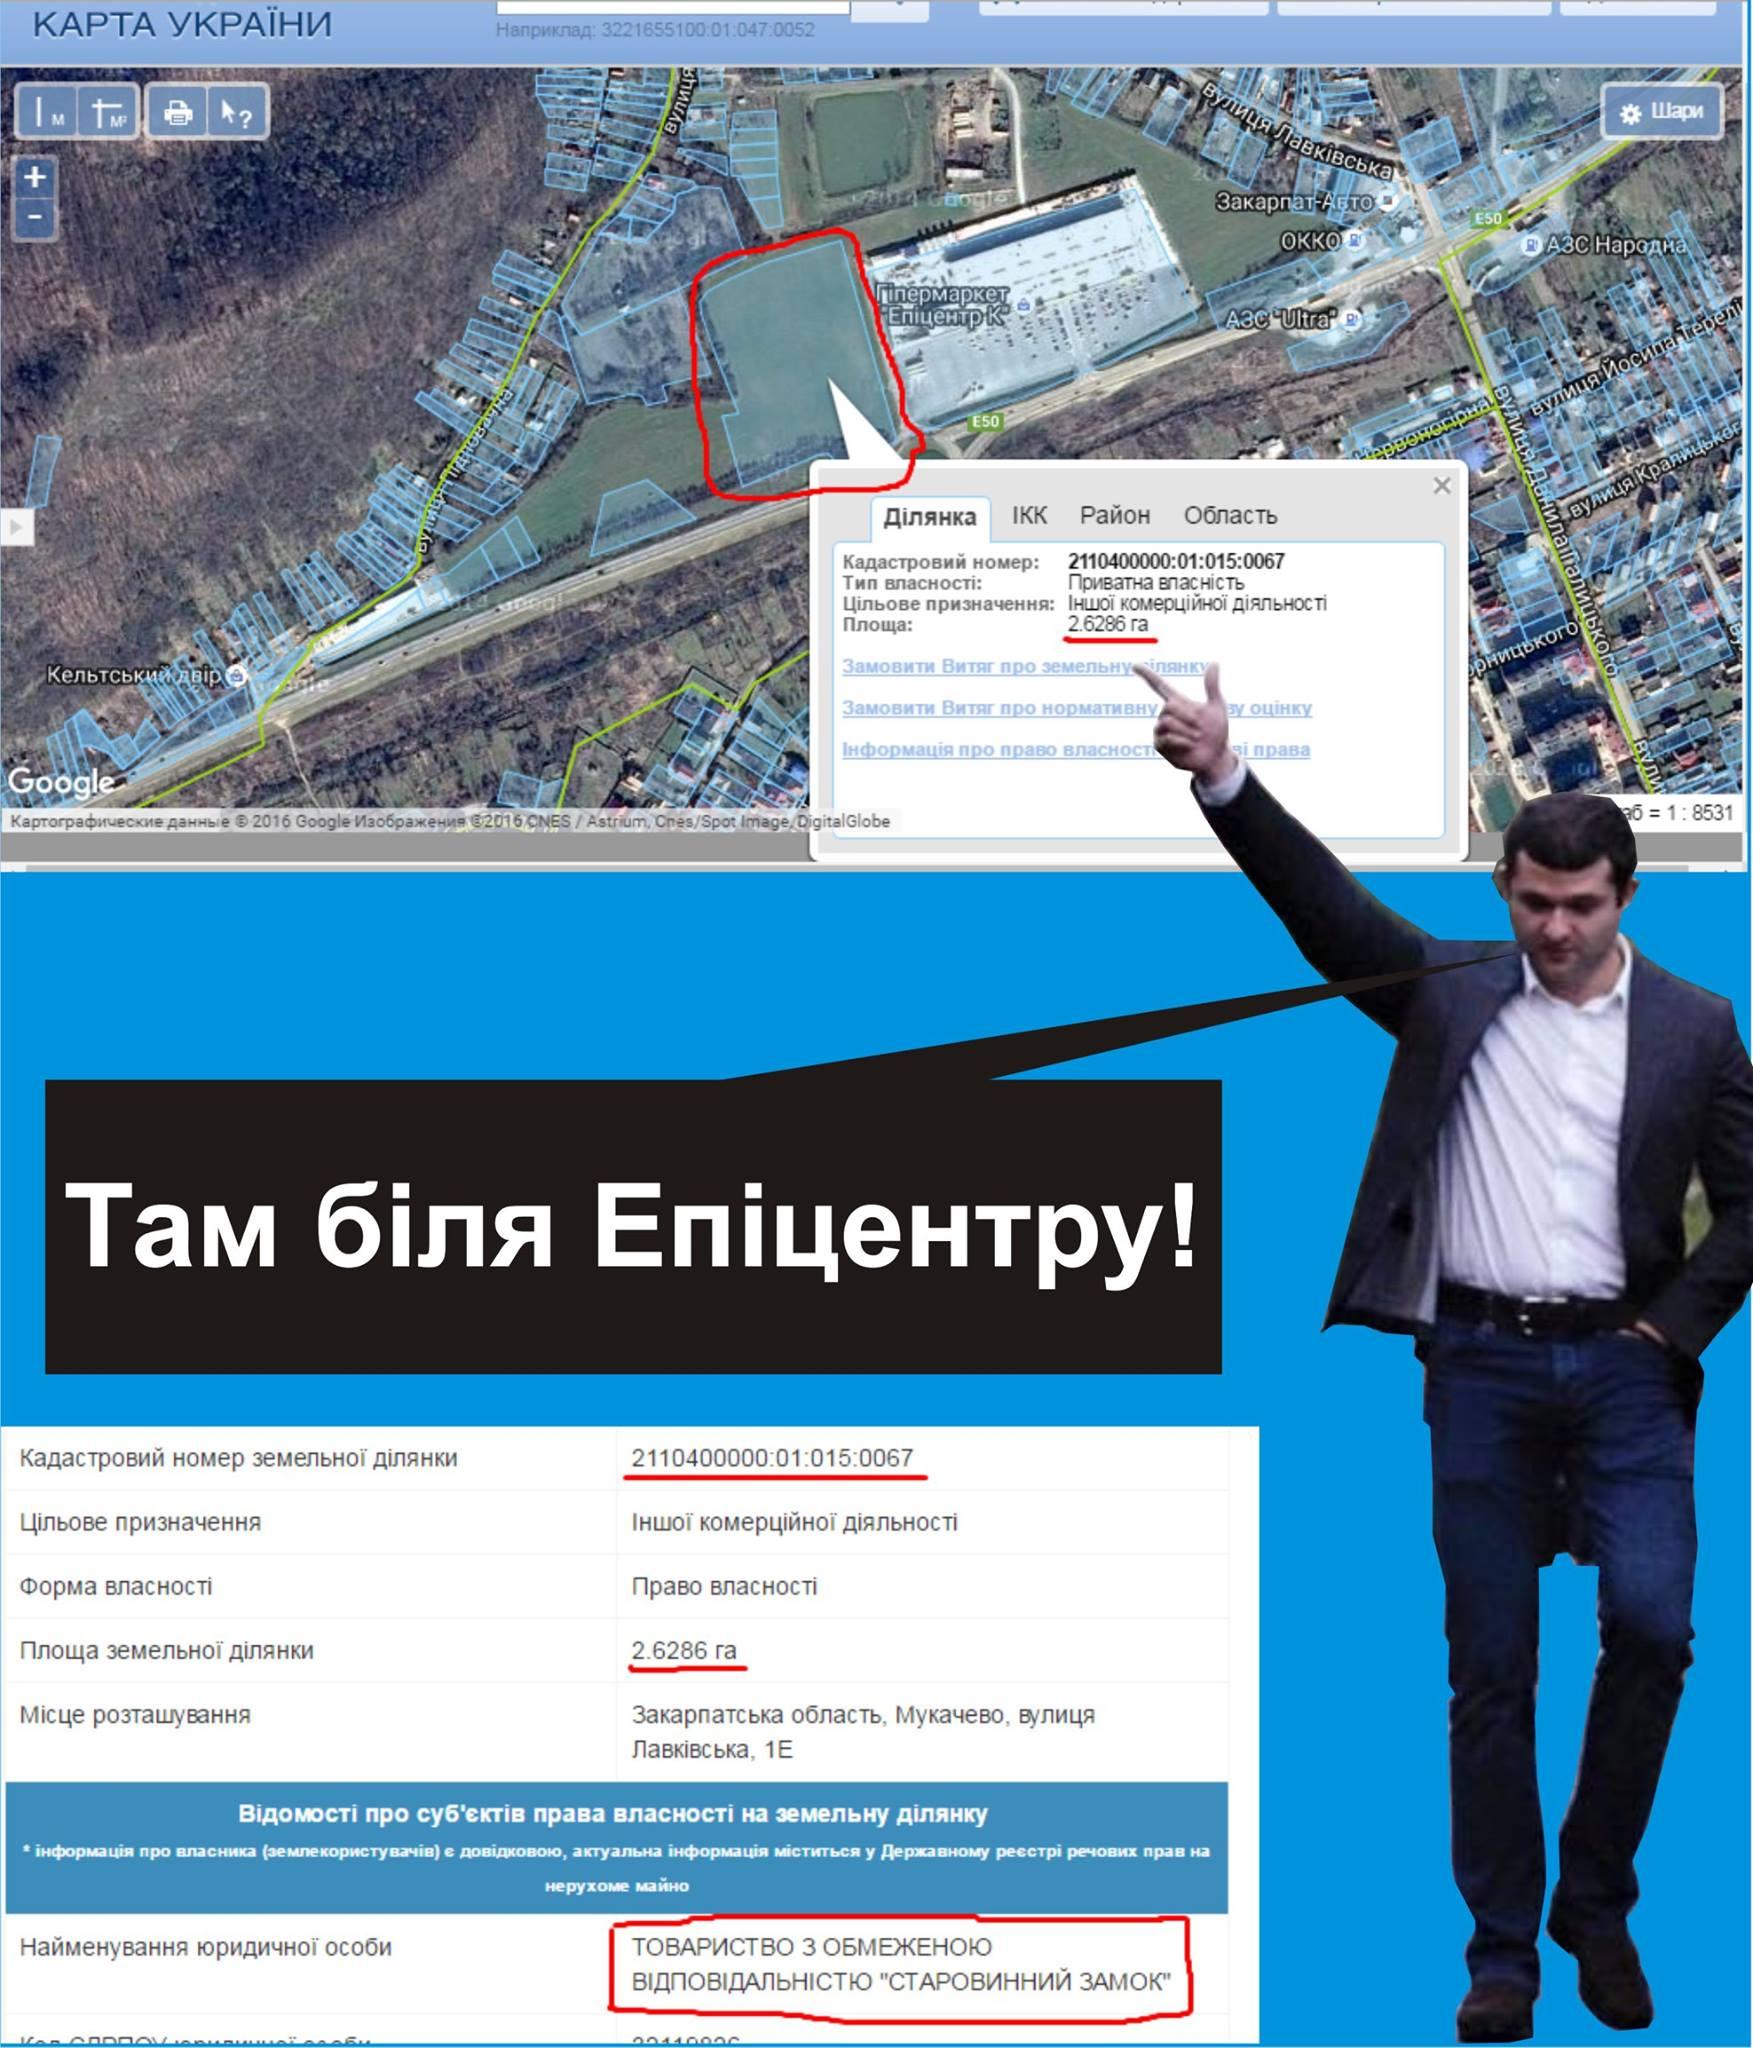 Мер Мукачева Андрій Балога будує черговий супермаркет